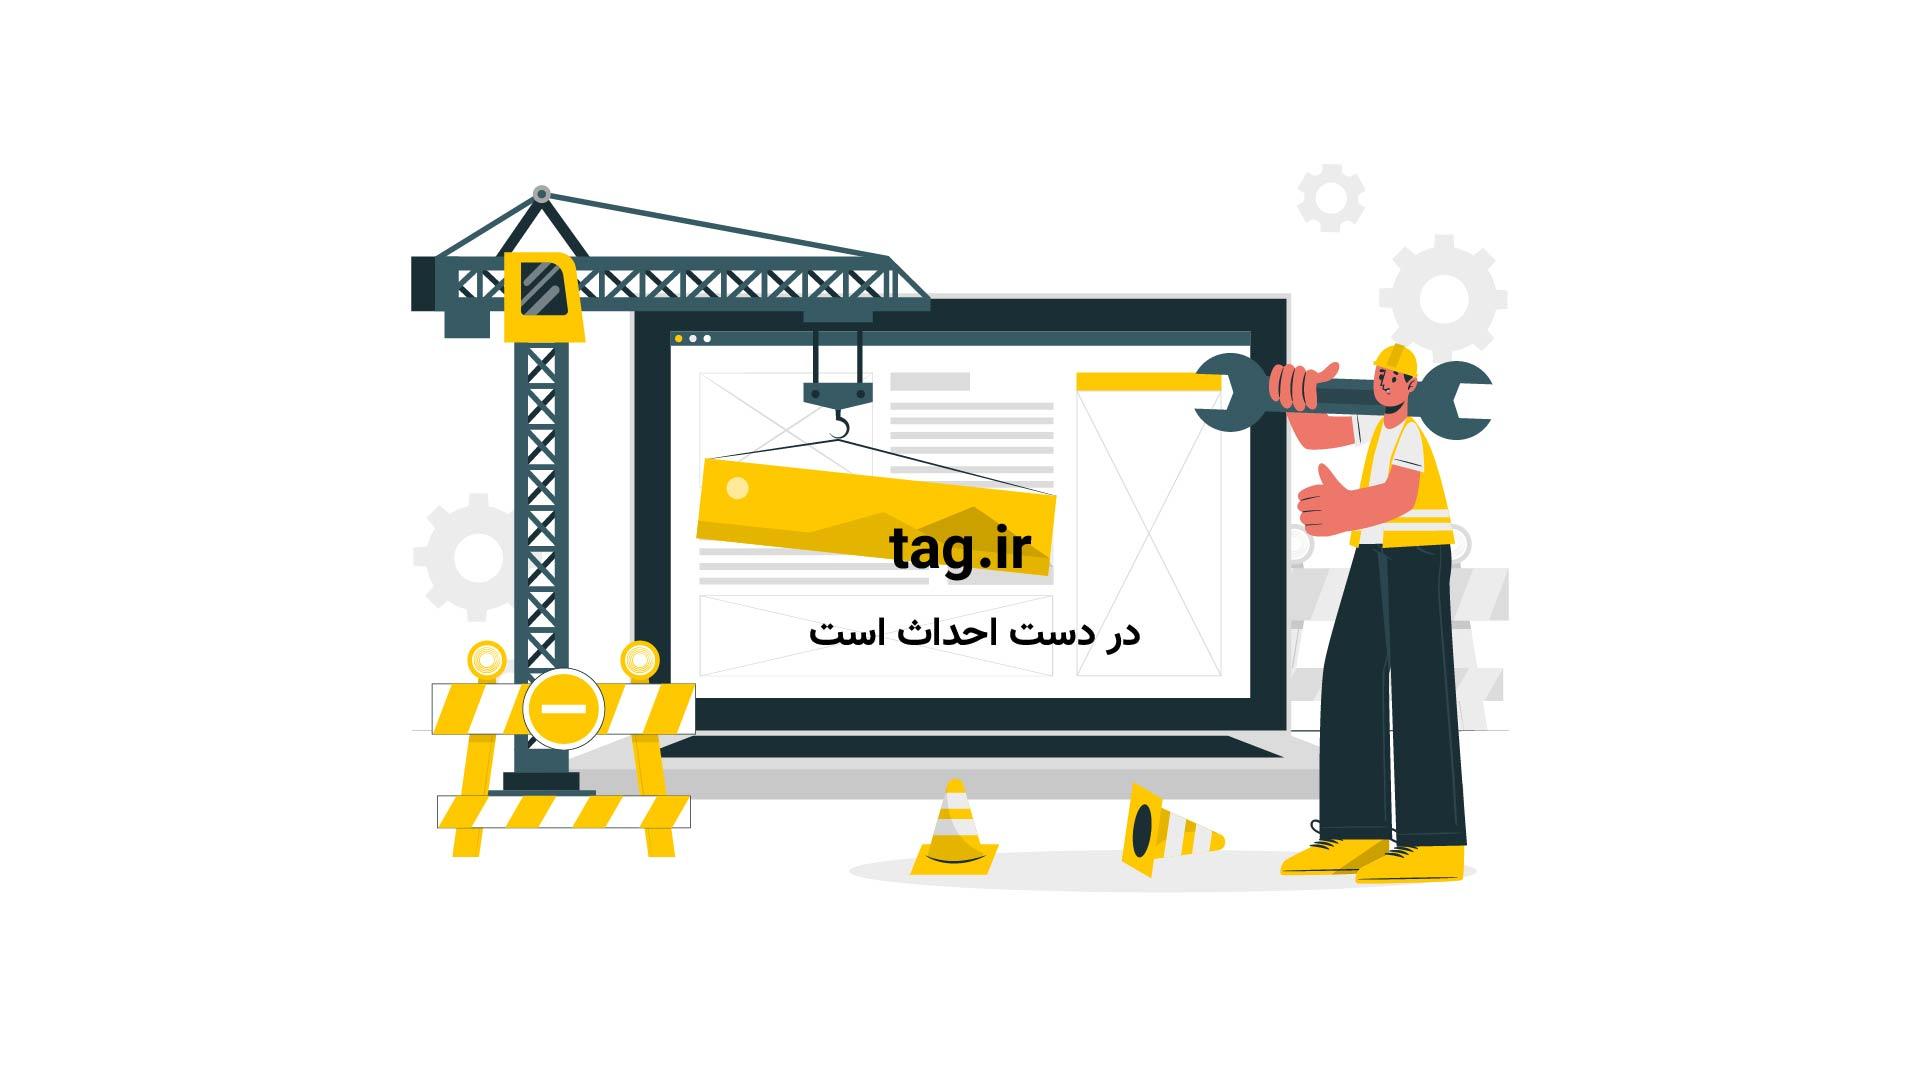 بازی موبایل دومینو دراپ | تگ